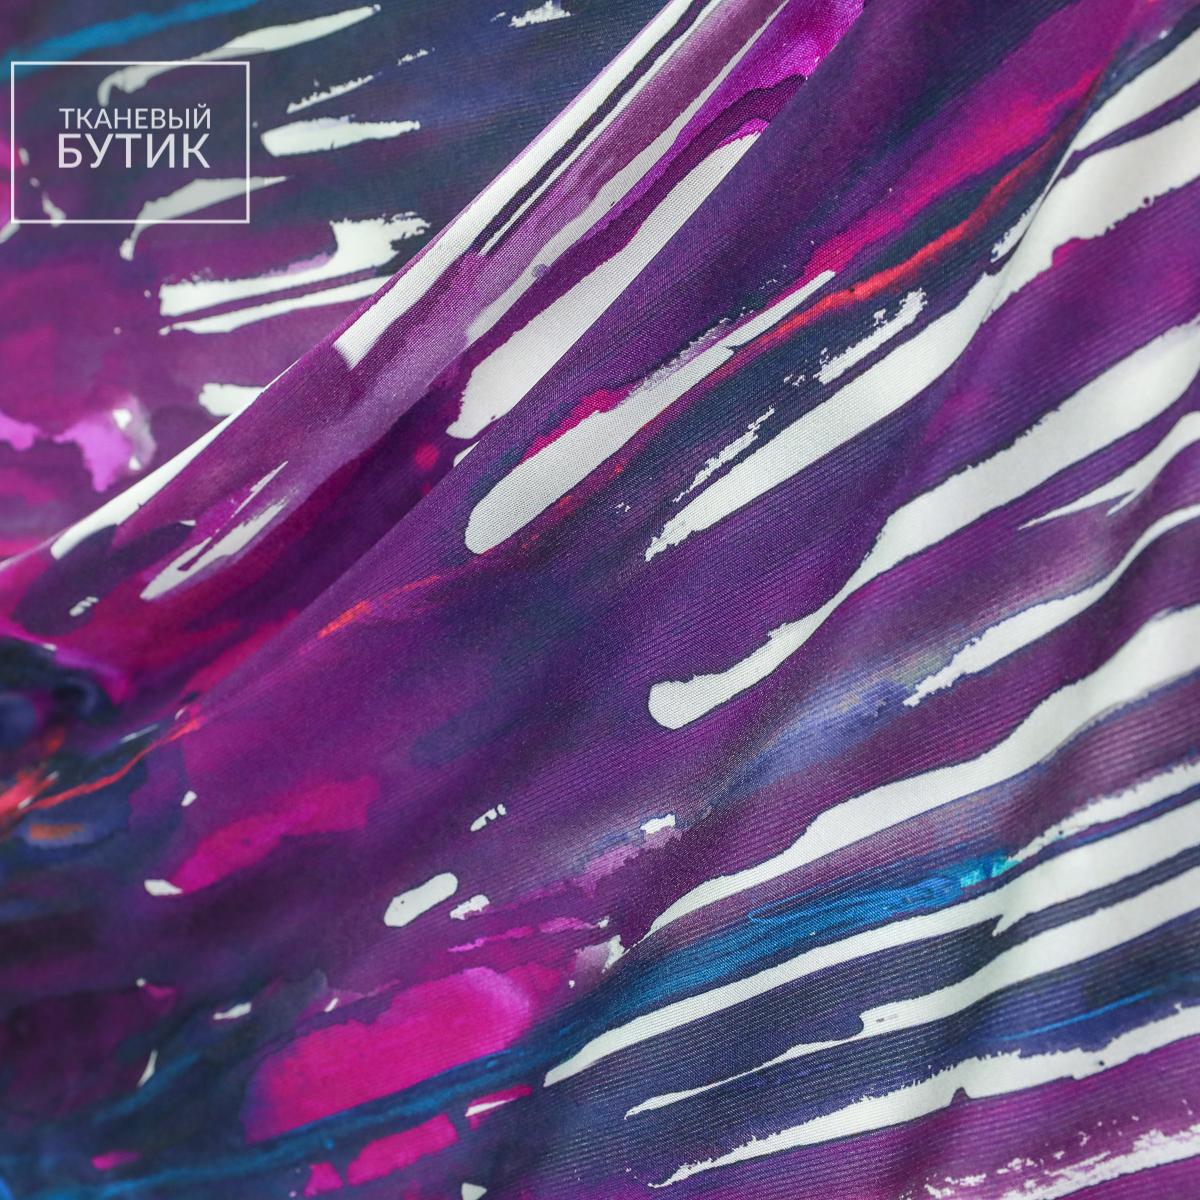 Трикотаж с крупным раппортом в фиолетовых оттенках